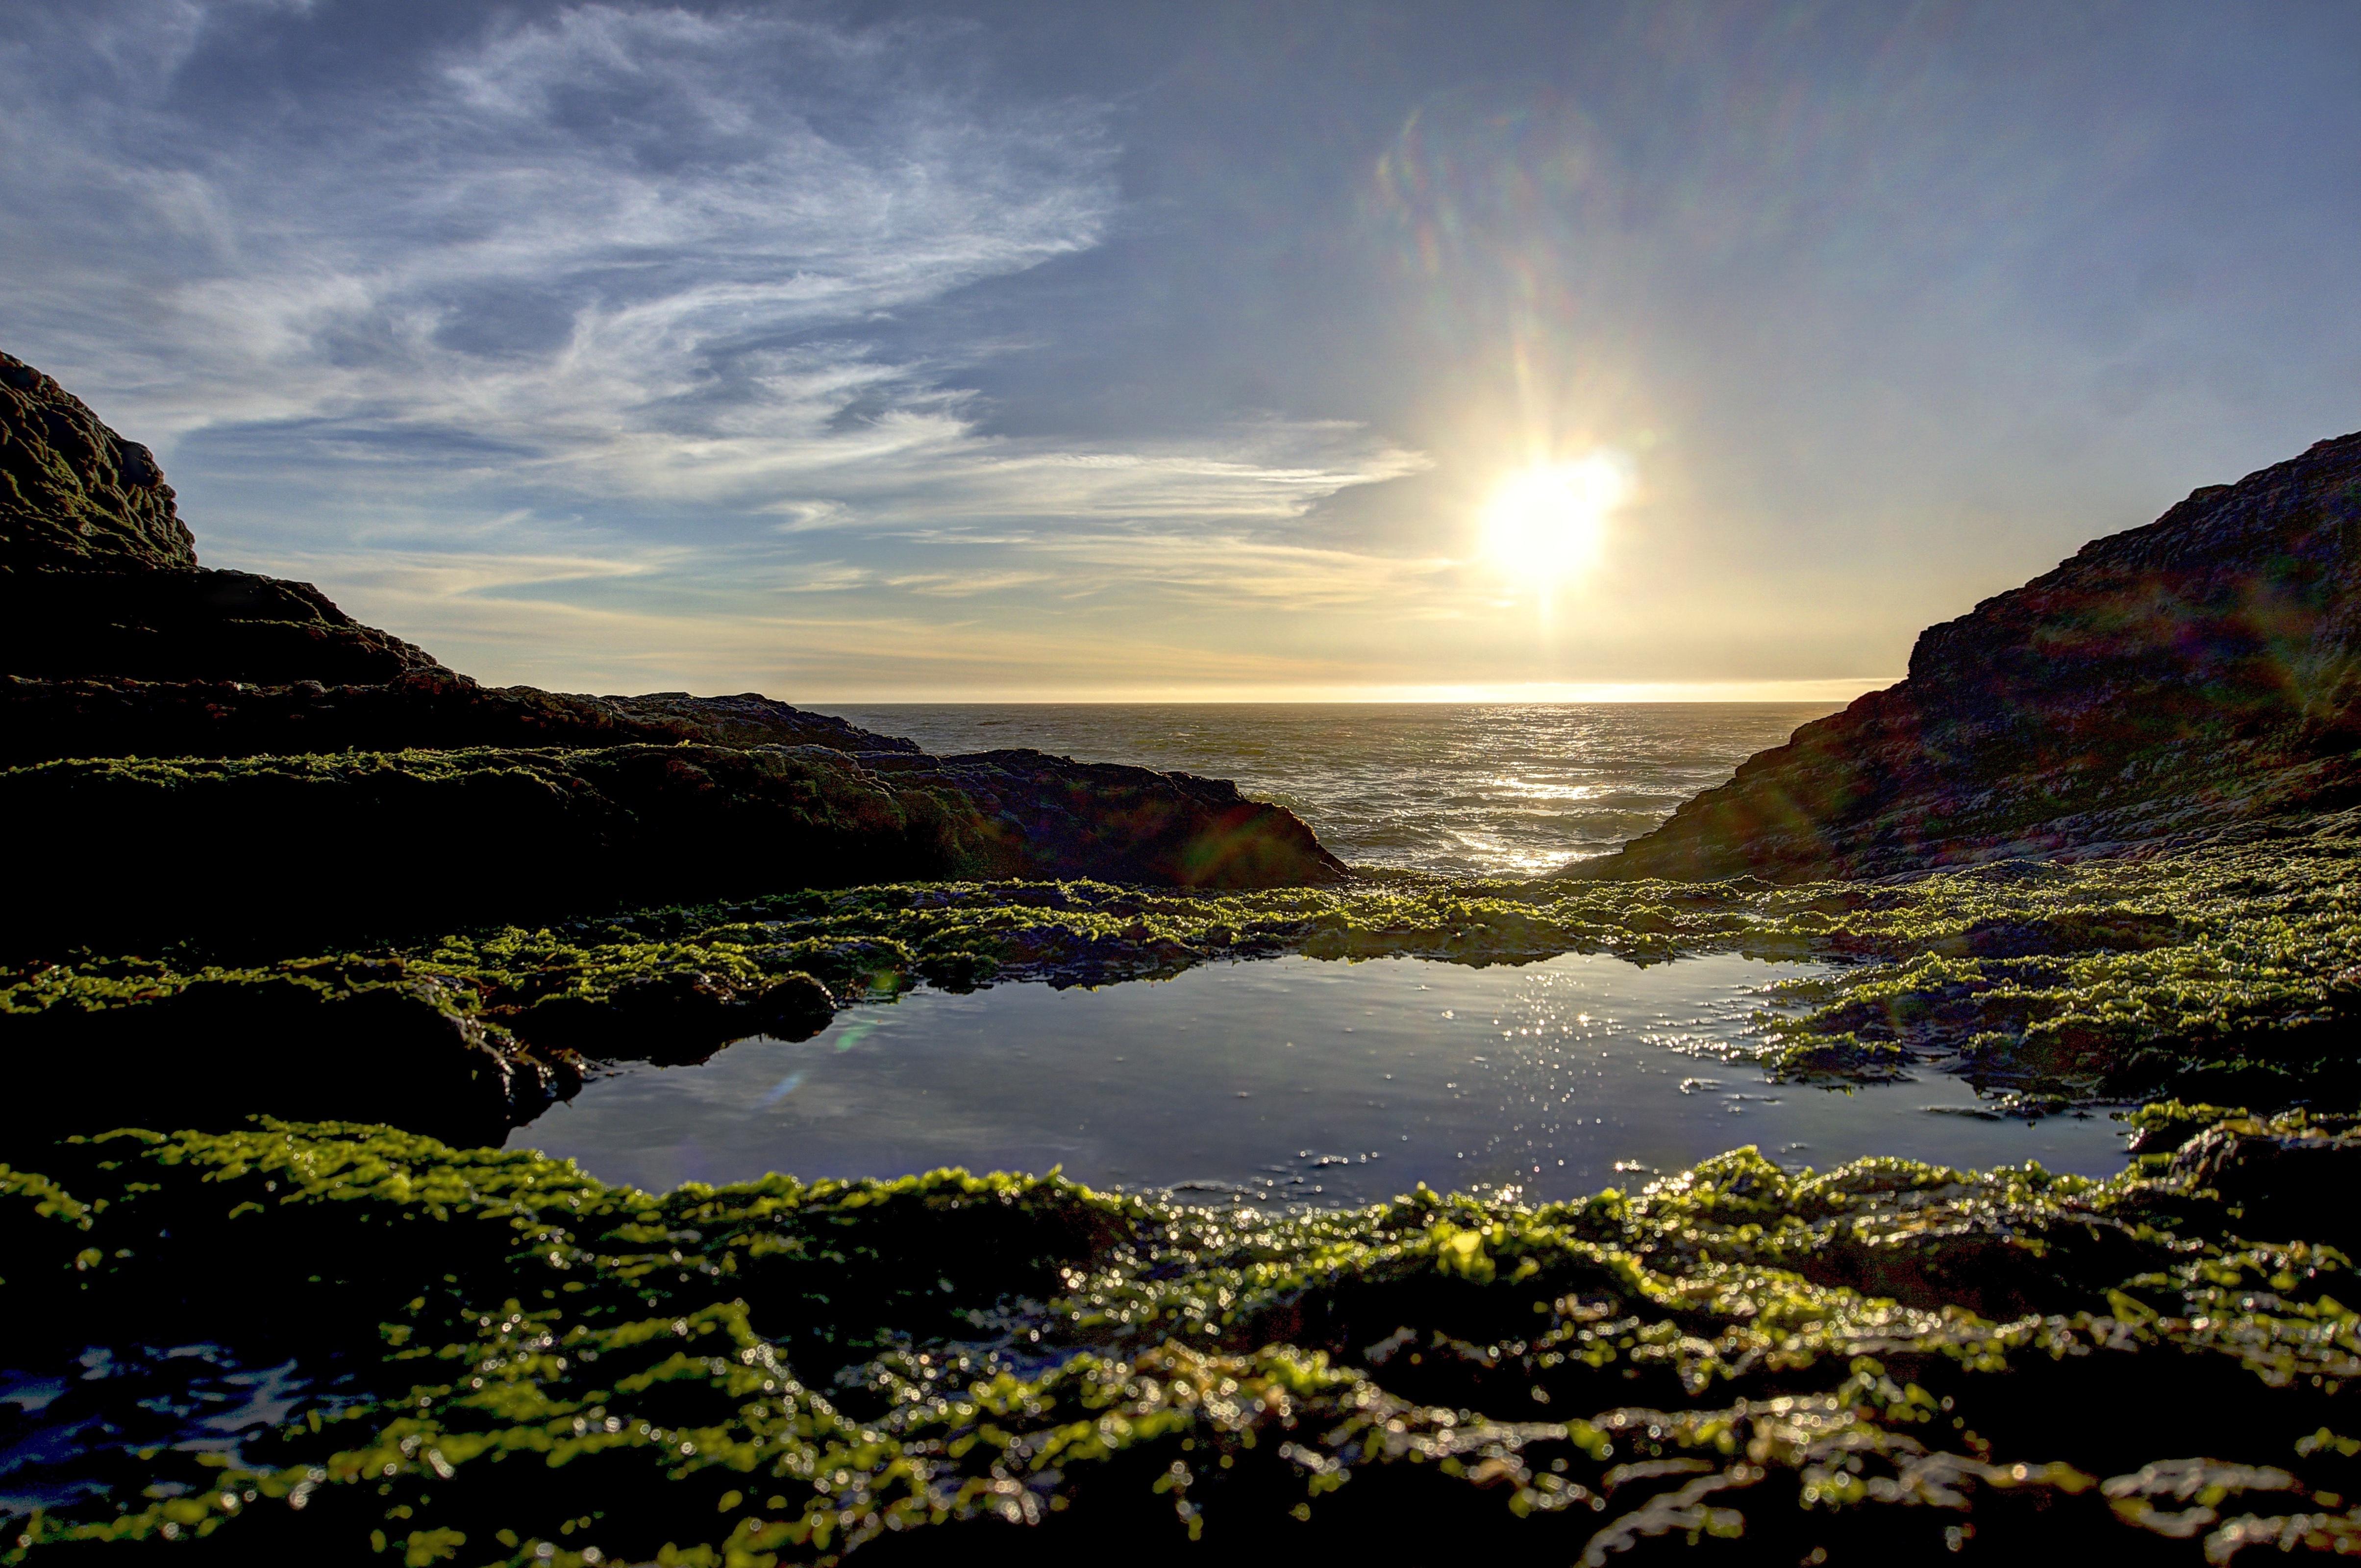 デスクトップ壁紙 サンタクルーズ カリフォルニア パンサービーチ 屋外 水たまり 藻類 モス 湿った 太陽 日没 雲 曇った 3xp 生 Nex6 Selp1650 フォトマティクス Hdr Qualityhdr 高画質写真 海岸 風景 海洋 空 太平洋 パシフィック Fav100